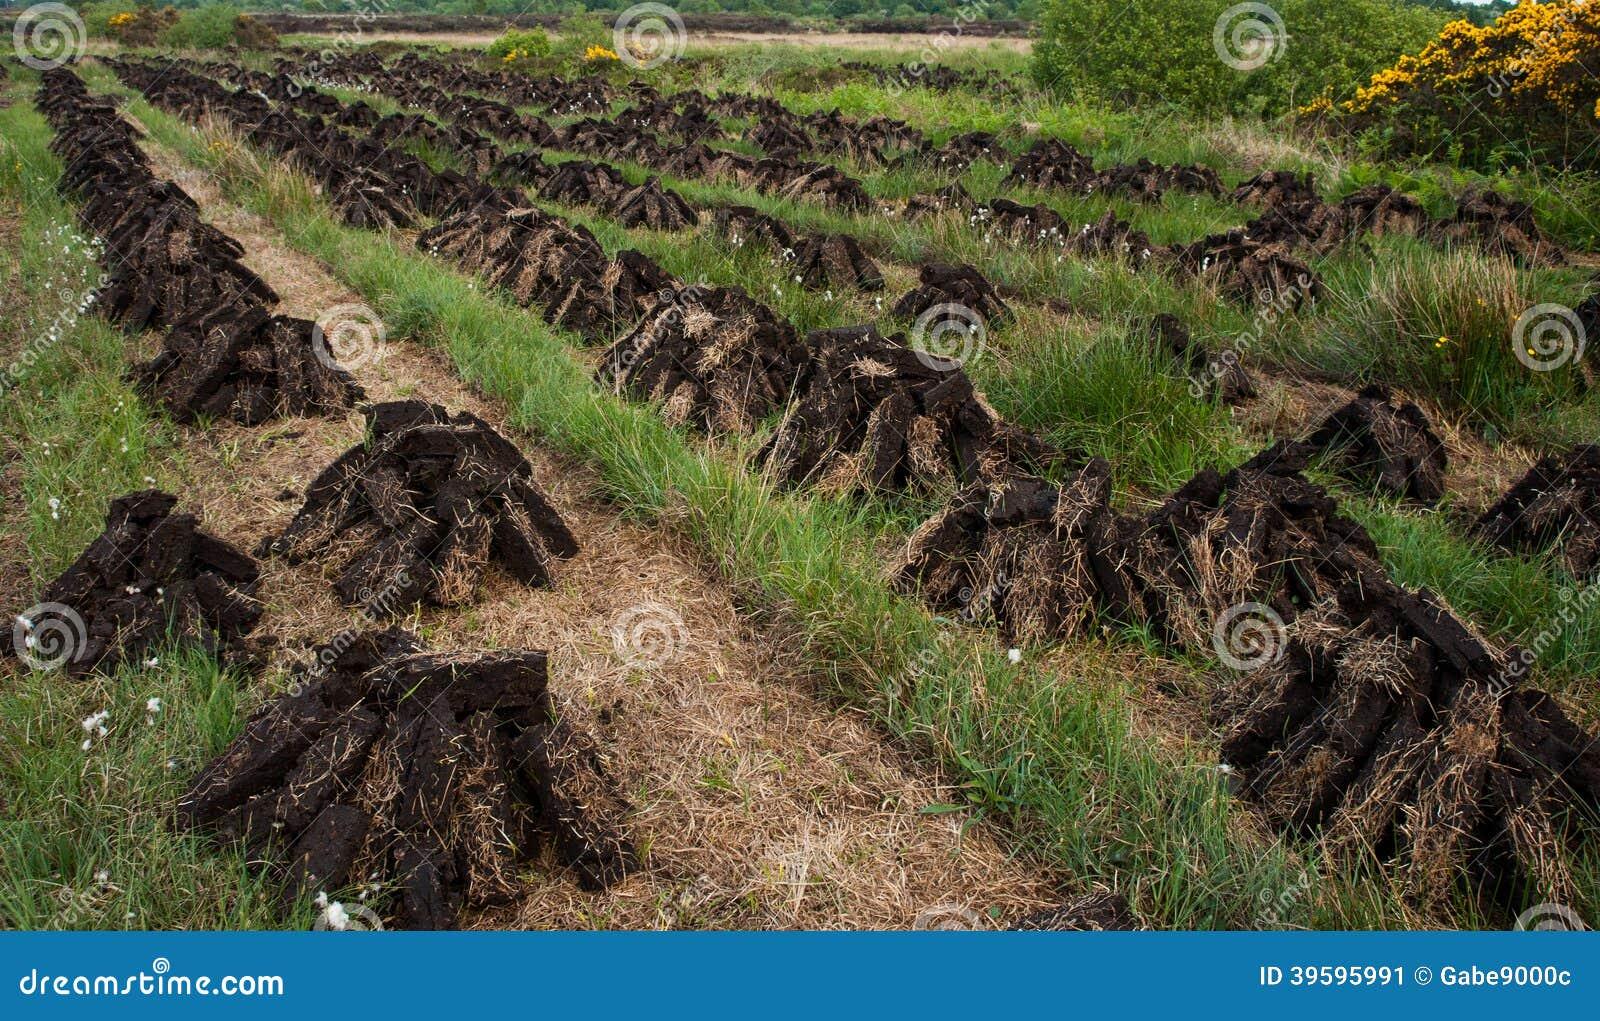 Pile di essiccazione del tappeto erboso in palude di torba for Tappeto erboso prezzi